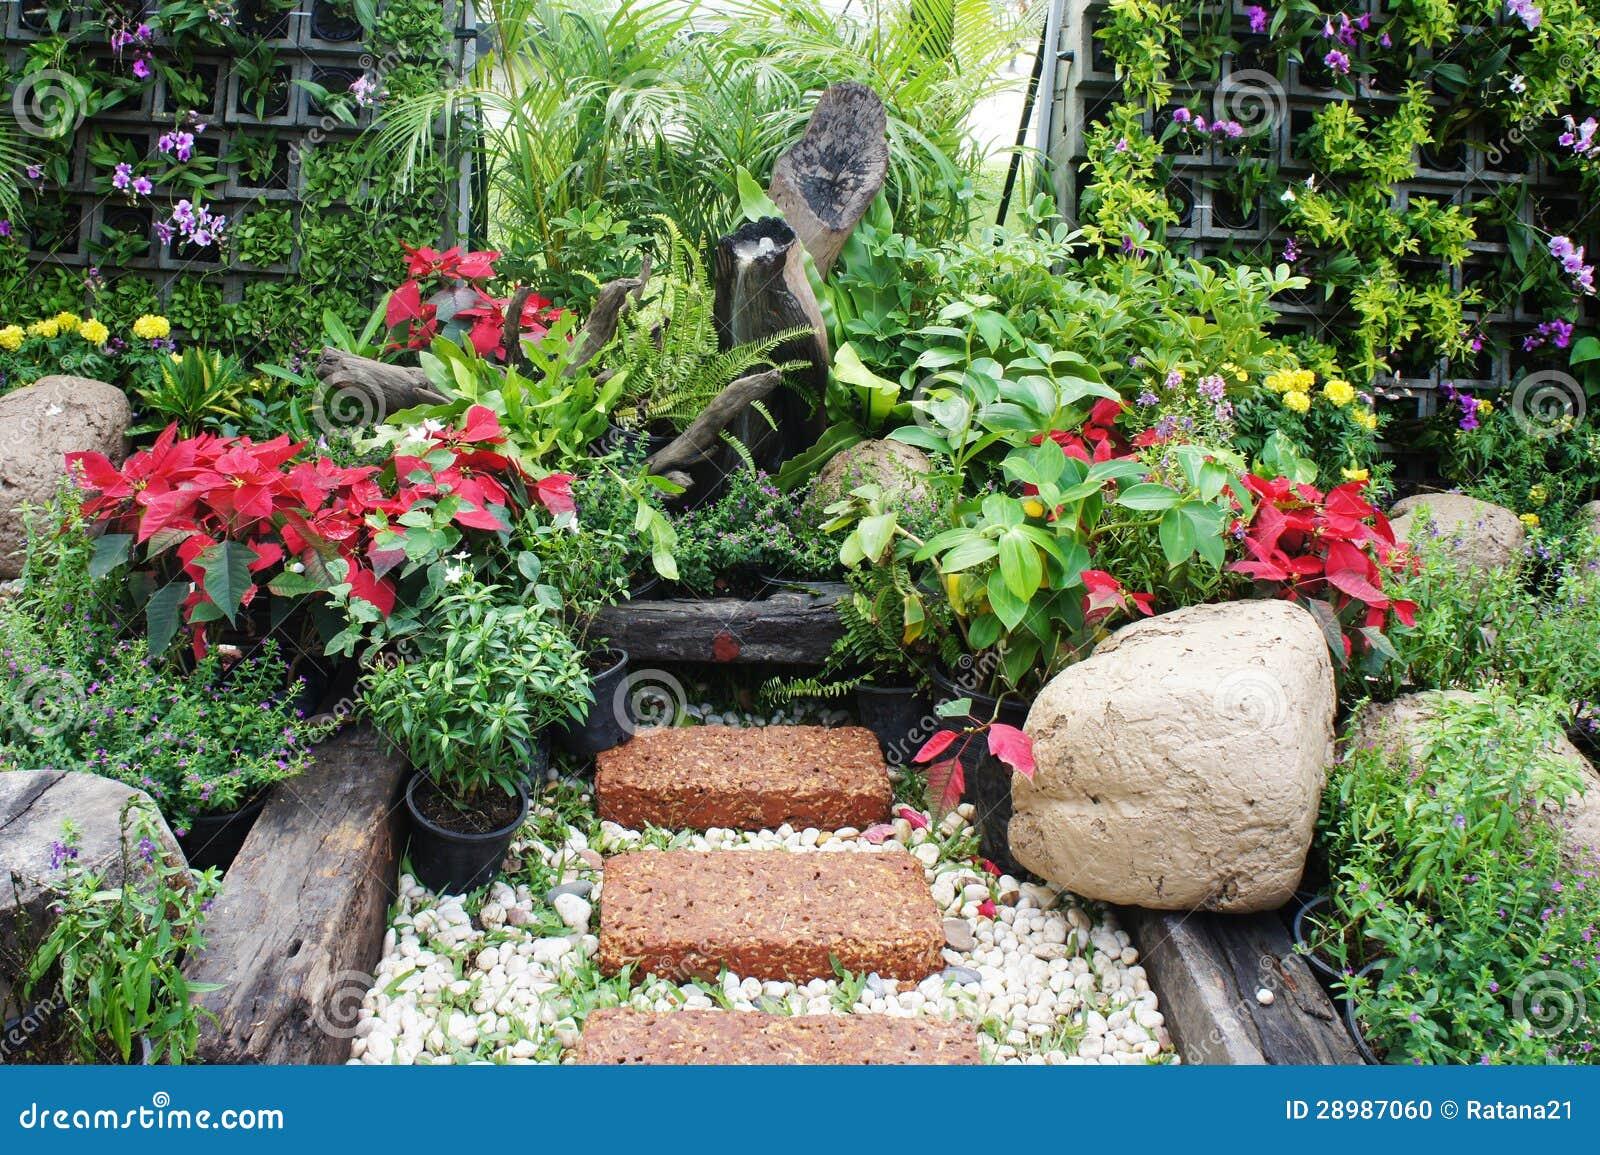 imagens similares de ` Jardim com mini fonte e as várias flores